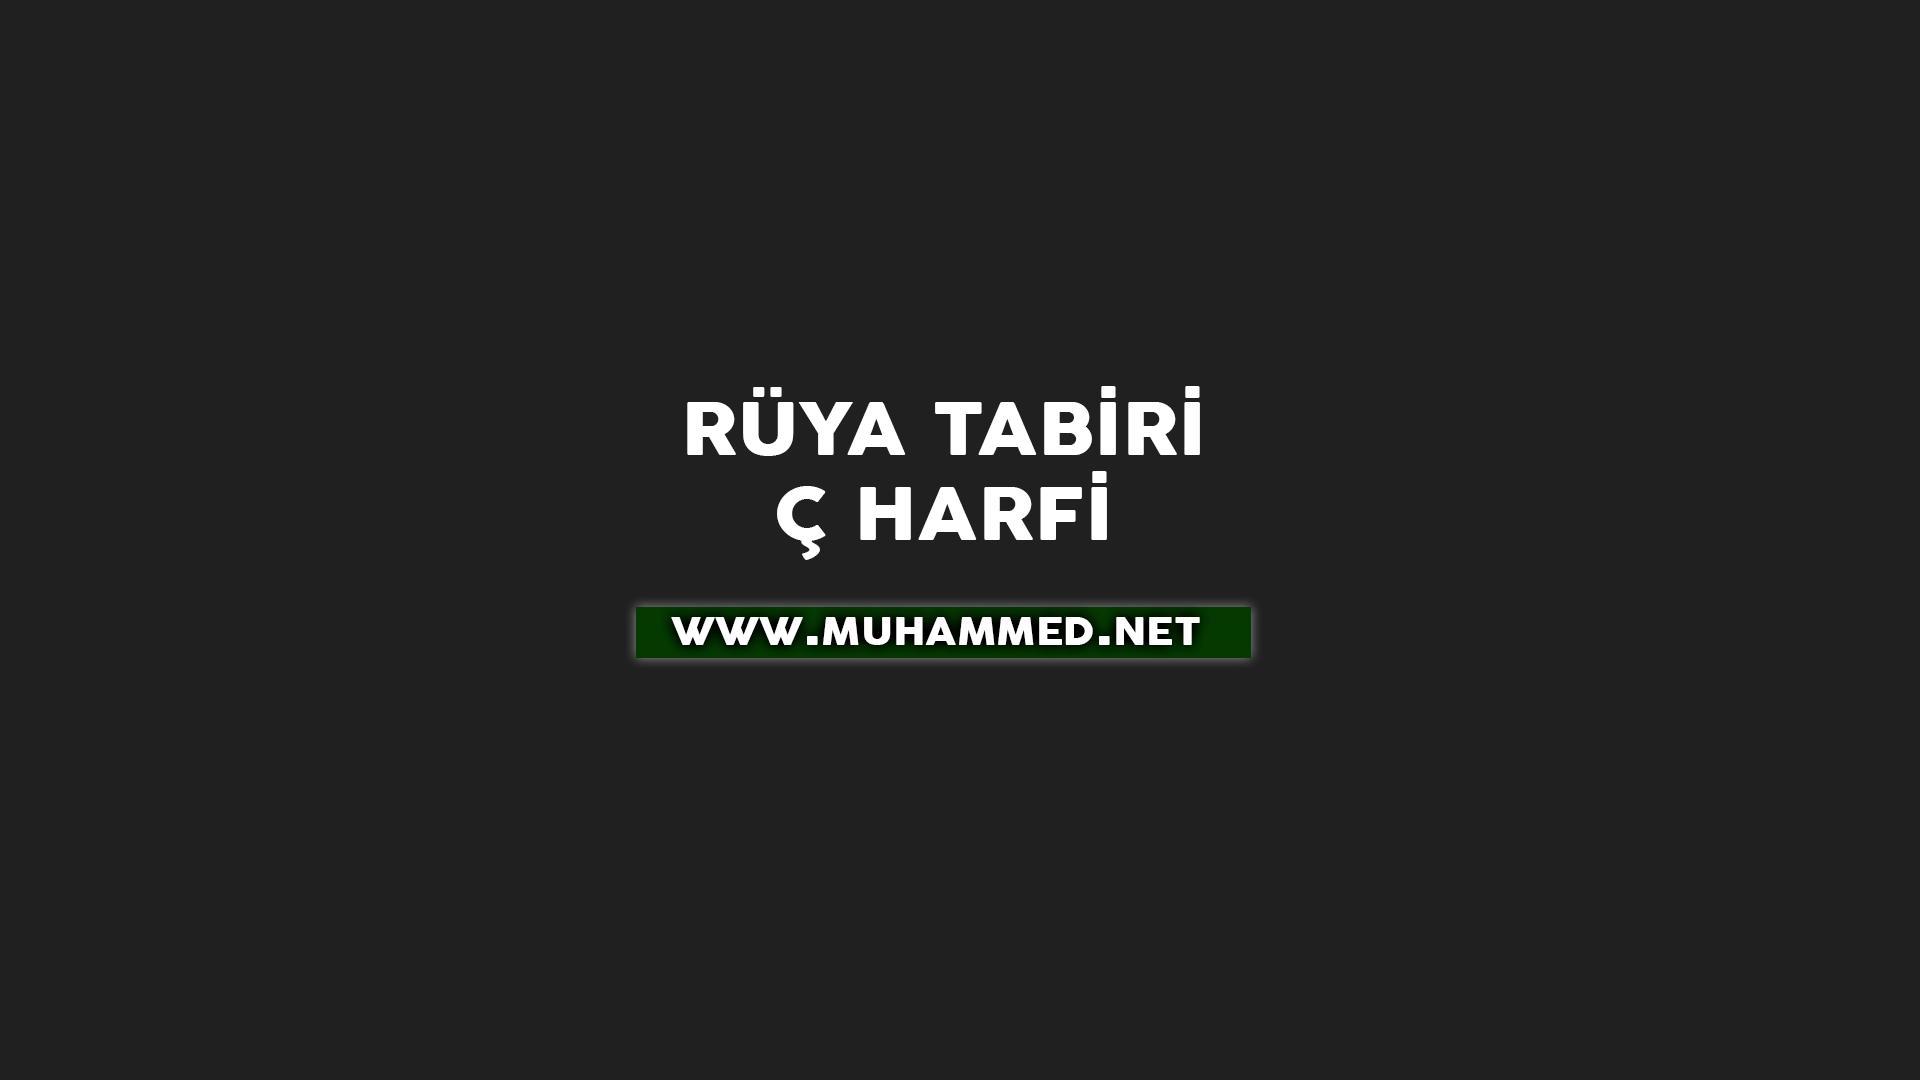 Rüya Tabiri - Ç Harfi